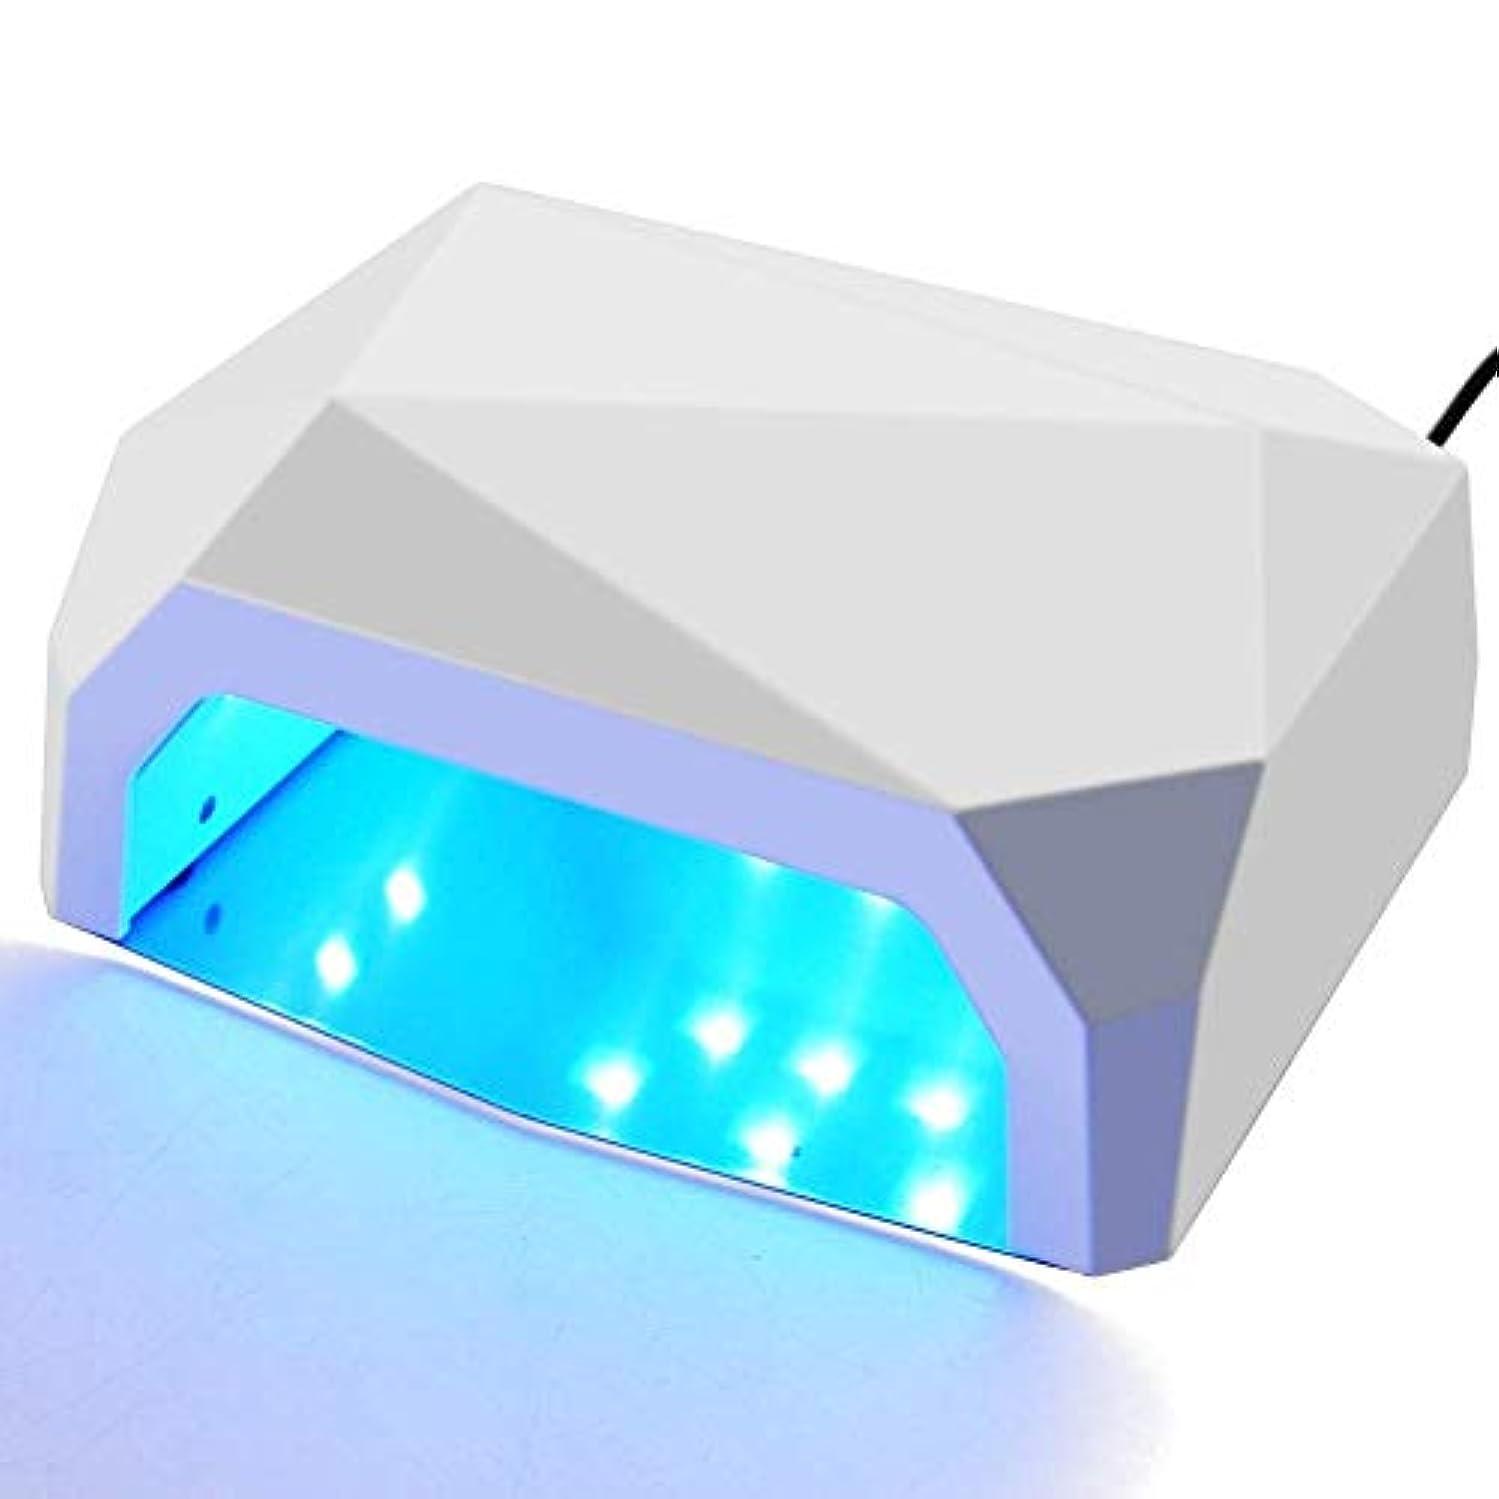 ピン採用する国民ネイルドライヤー36ワットuv ledランプネイルドライヤー3色ダイヤモンド形15ピースビーズuvランプネイルランプ硬化用uv ledジェルネイルポリッシュネイルアートツール